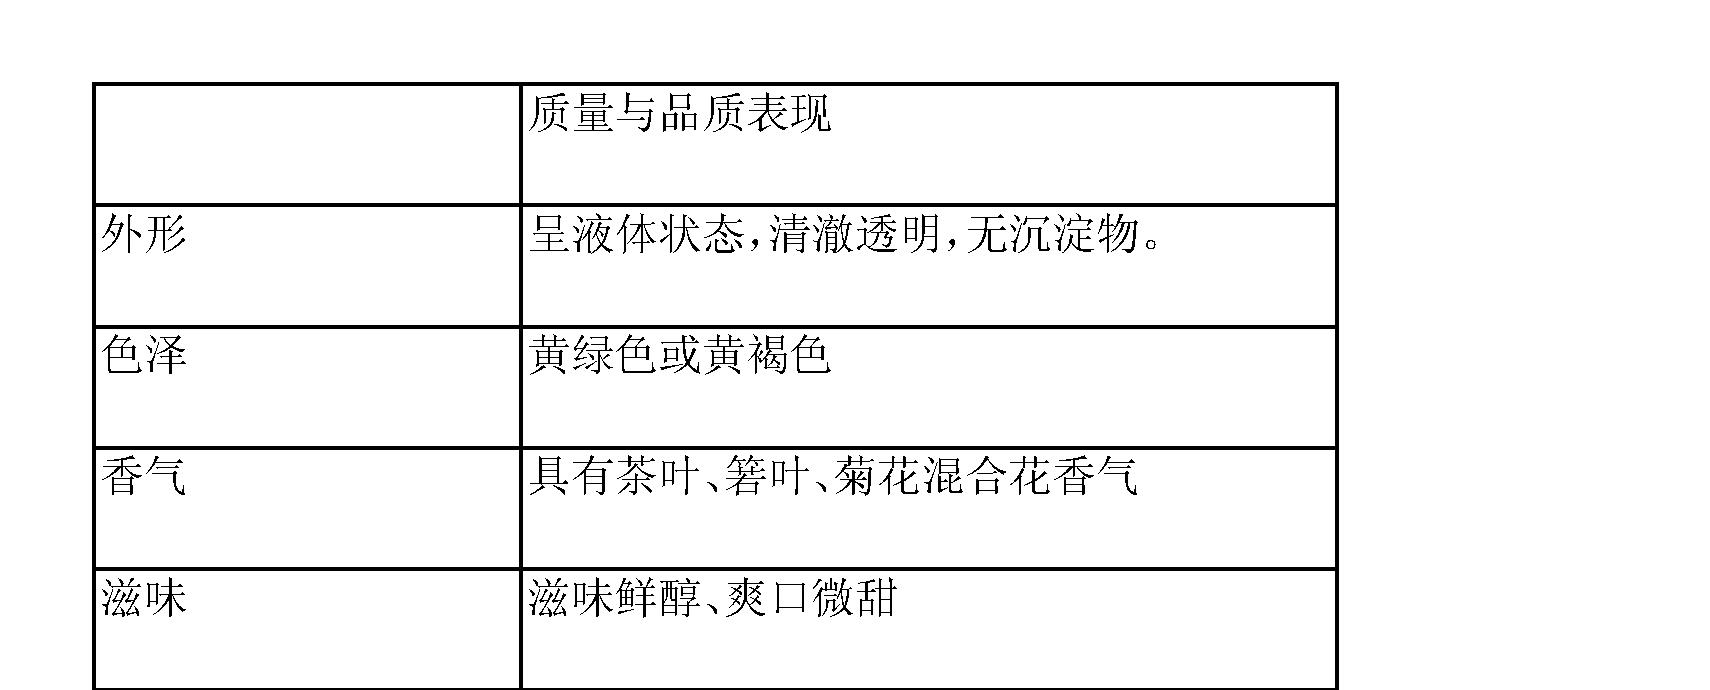 Figure CN102793028BD00101